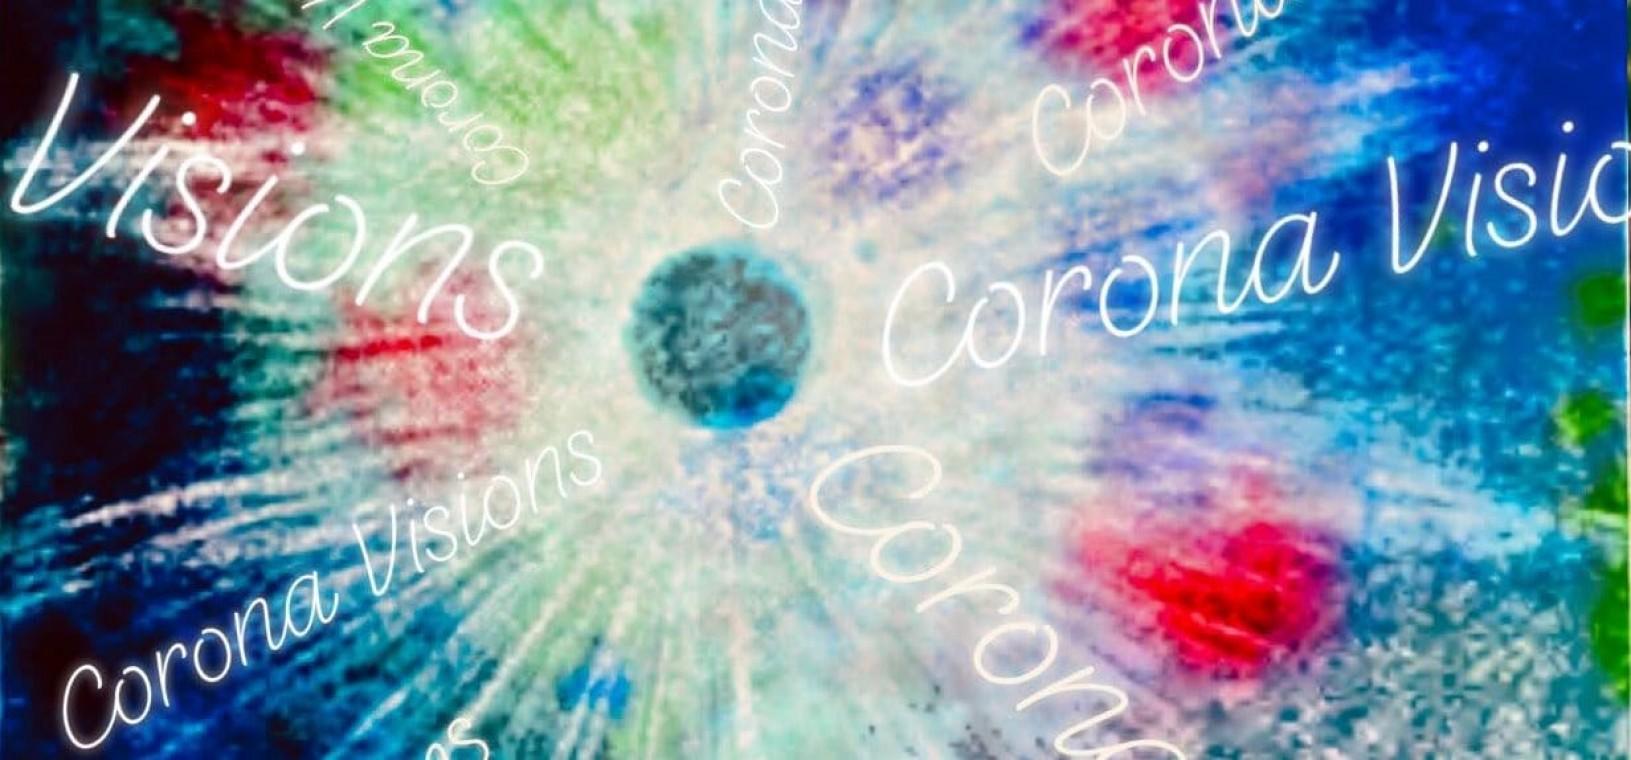 Corona Visions